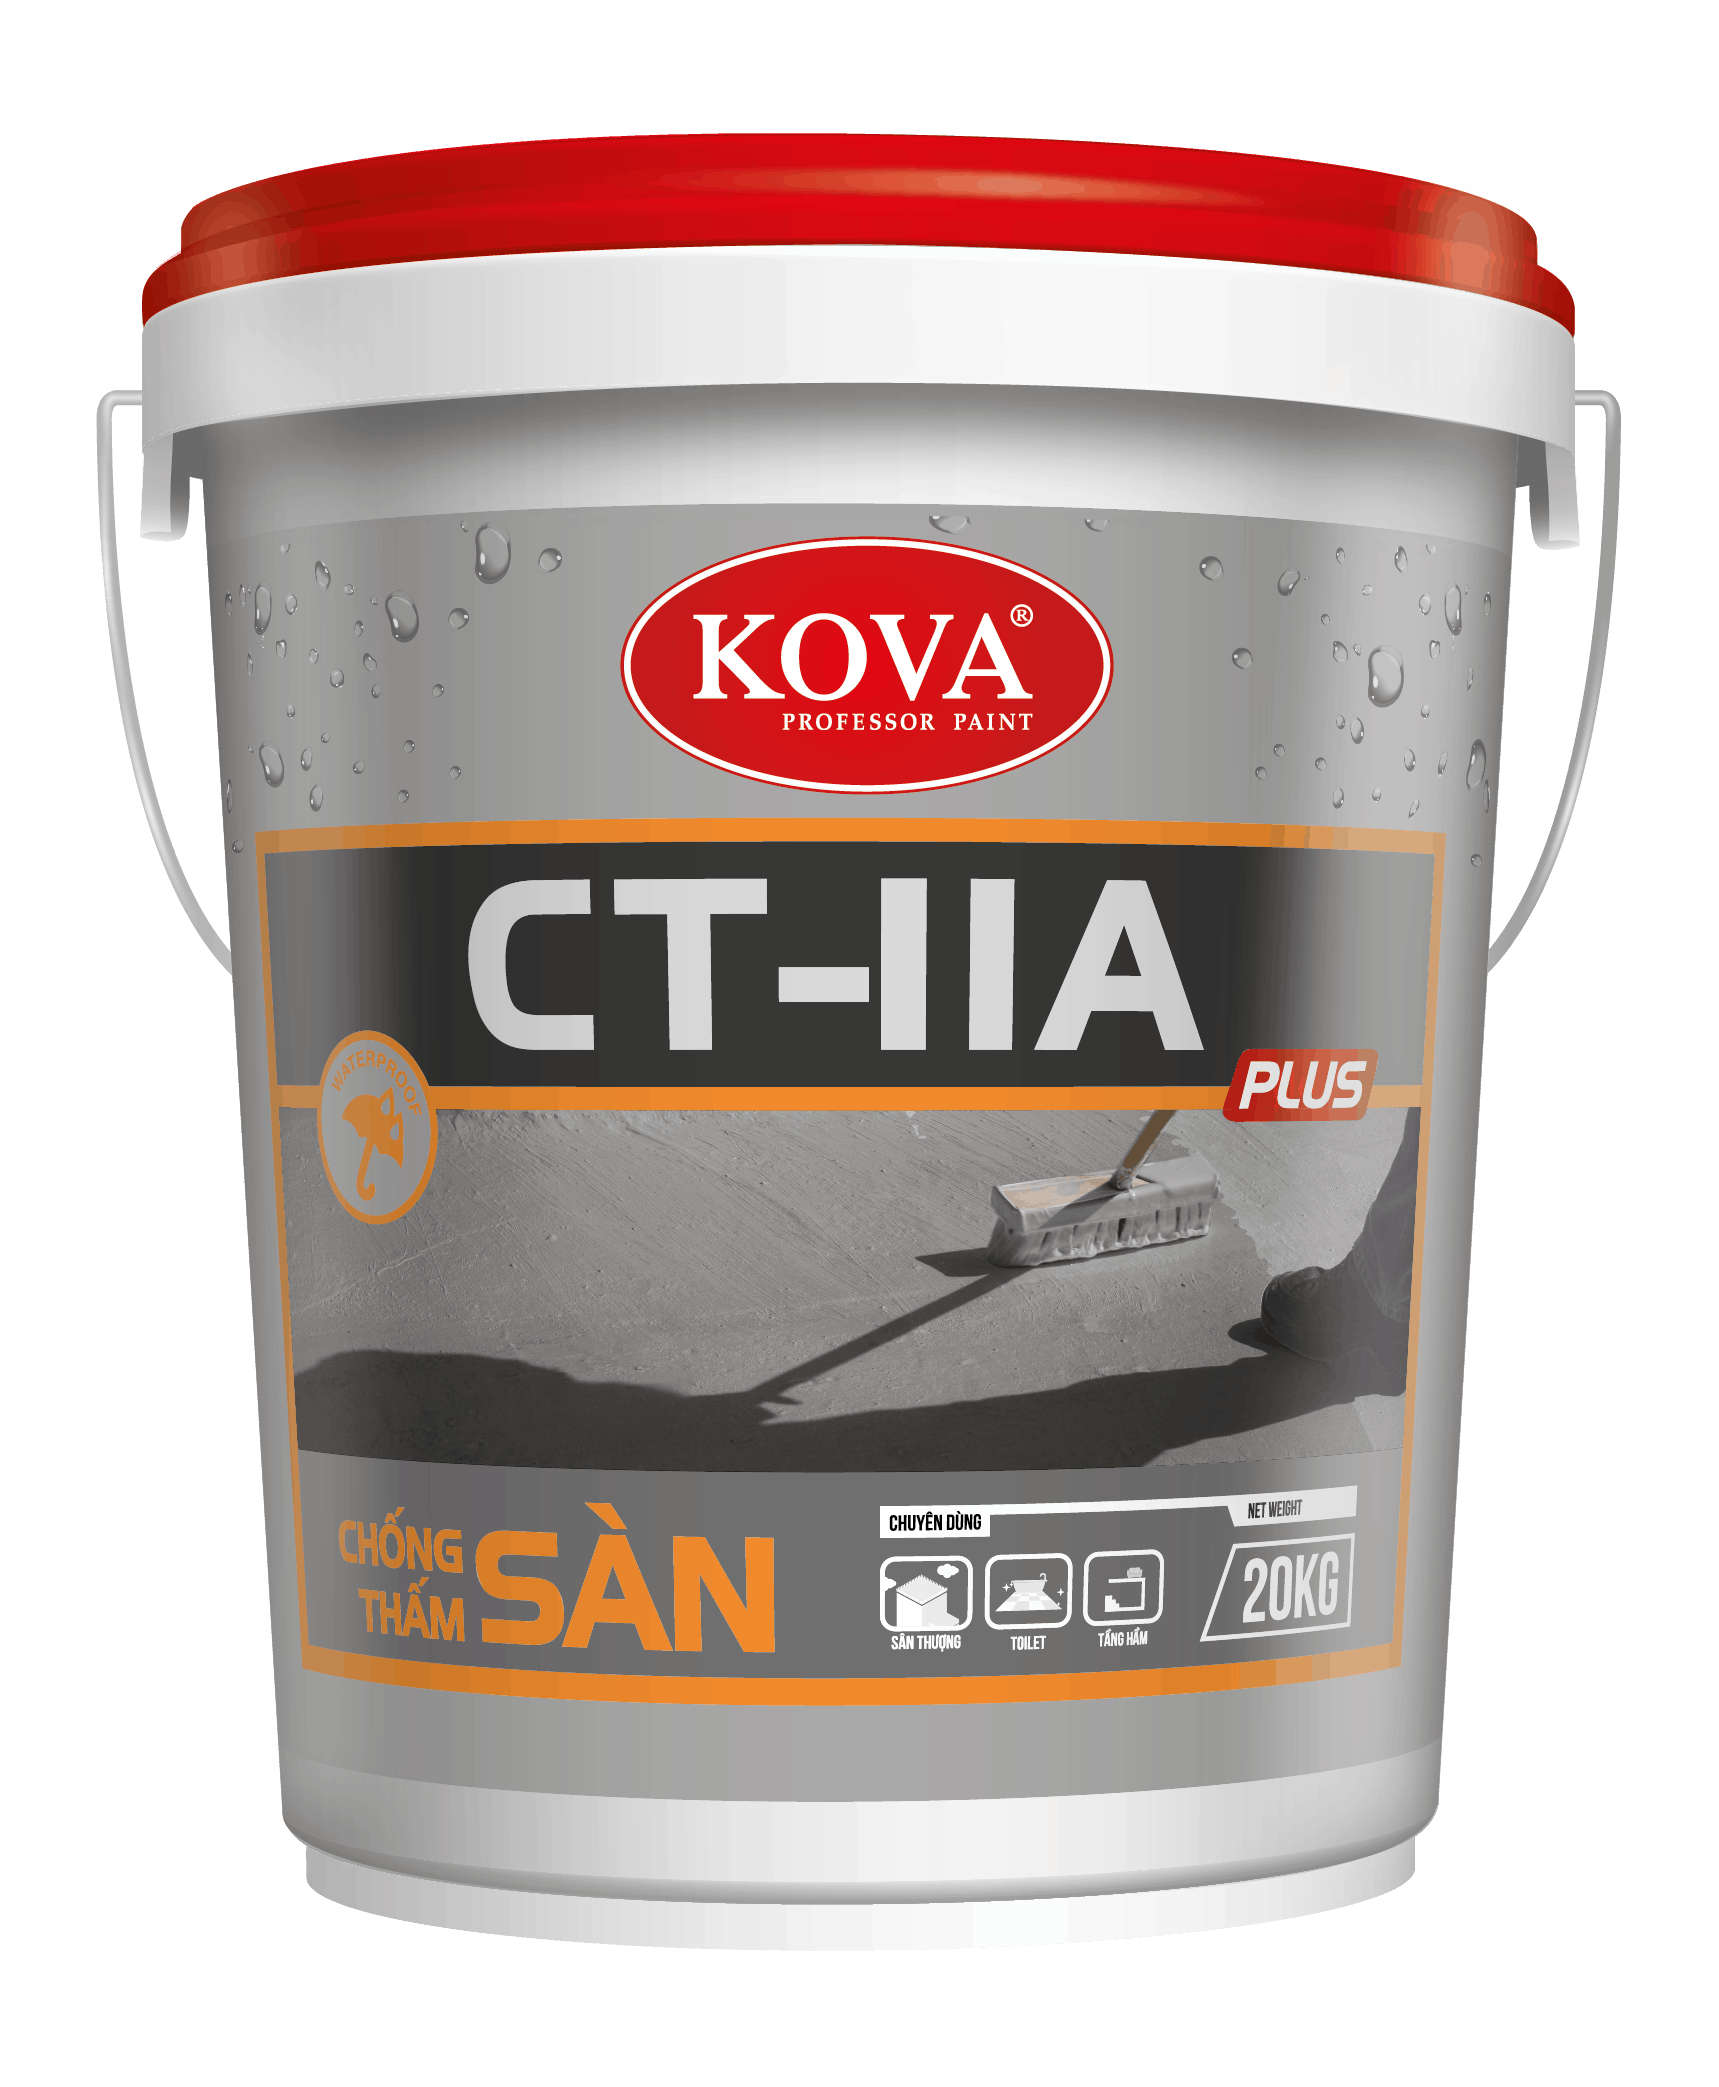 Chống thấm Kova CT 11 A Plus Sàn - Lh đăt hàng 0919157575